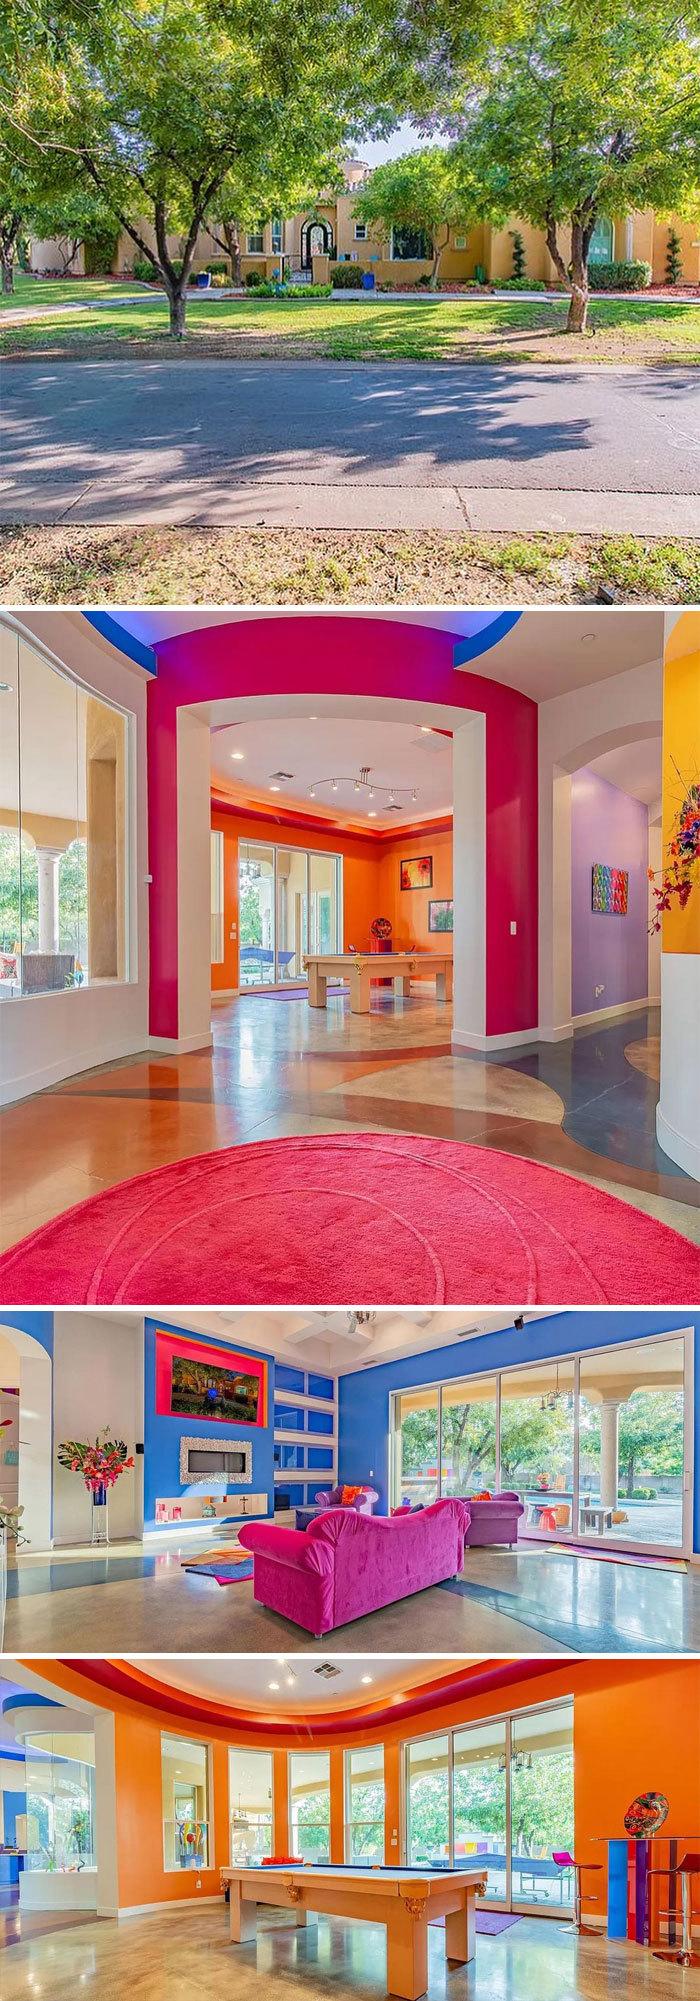 Деньги есть, авкуса нет: 10+ фото крутых домов соспецифичным дизайном